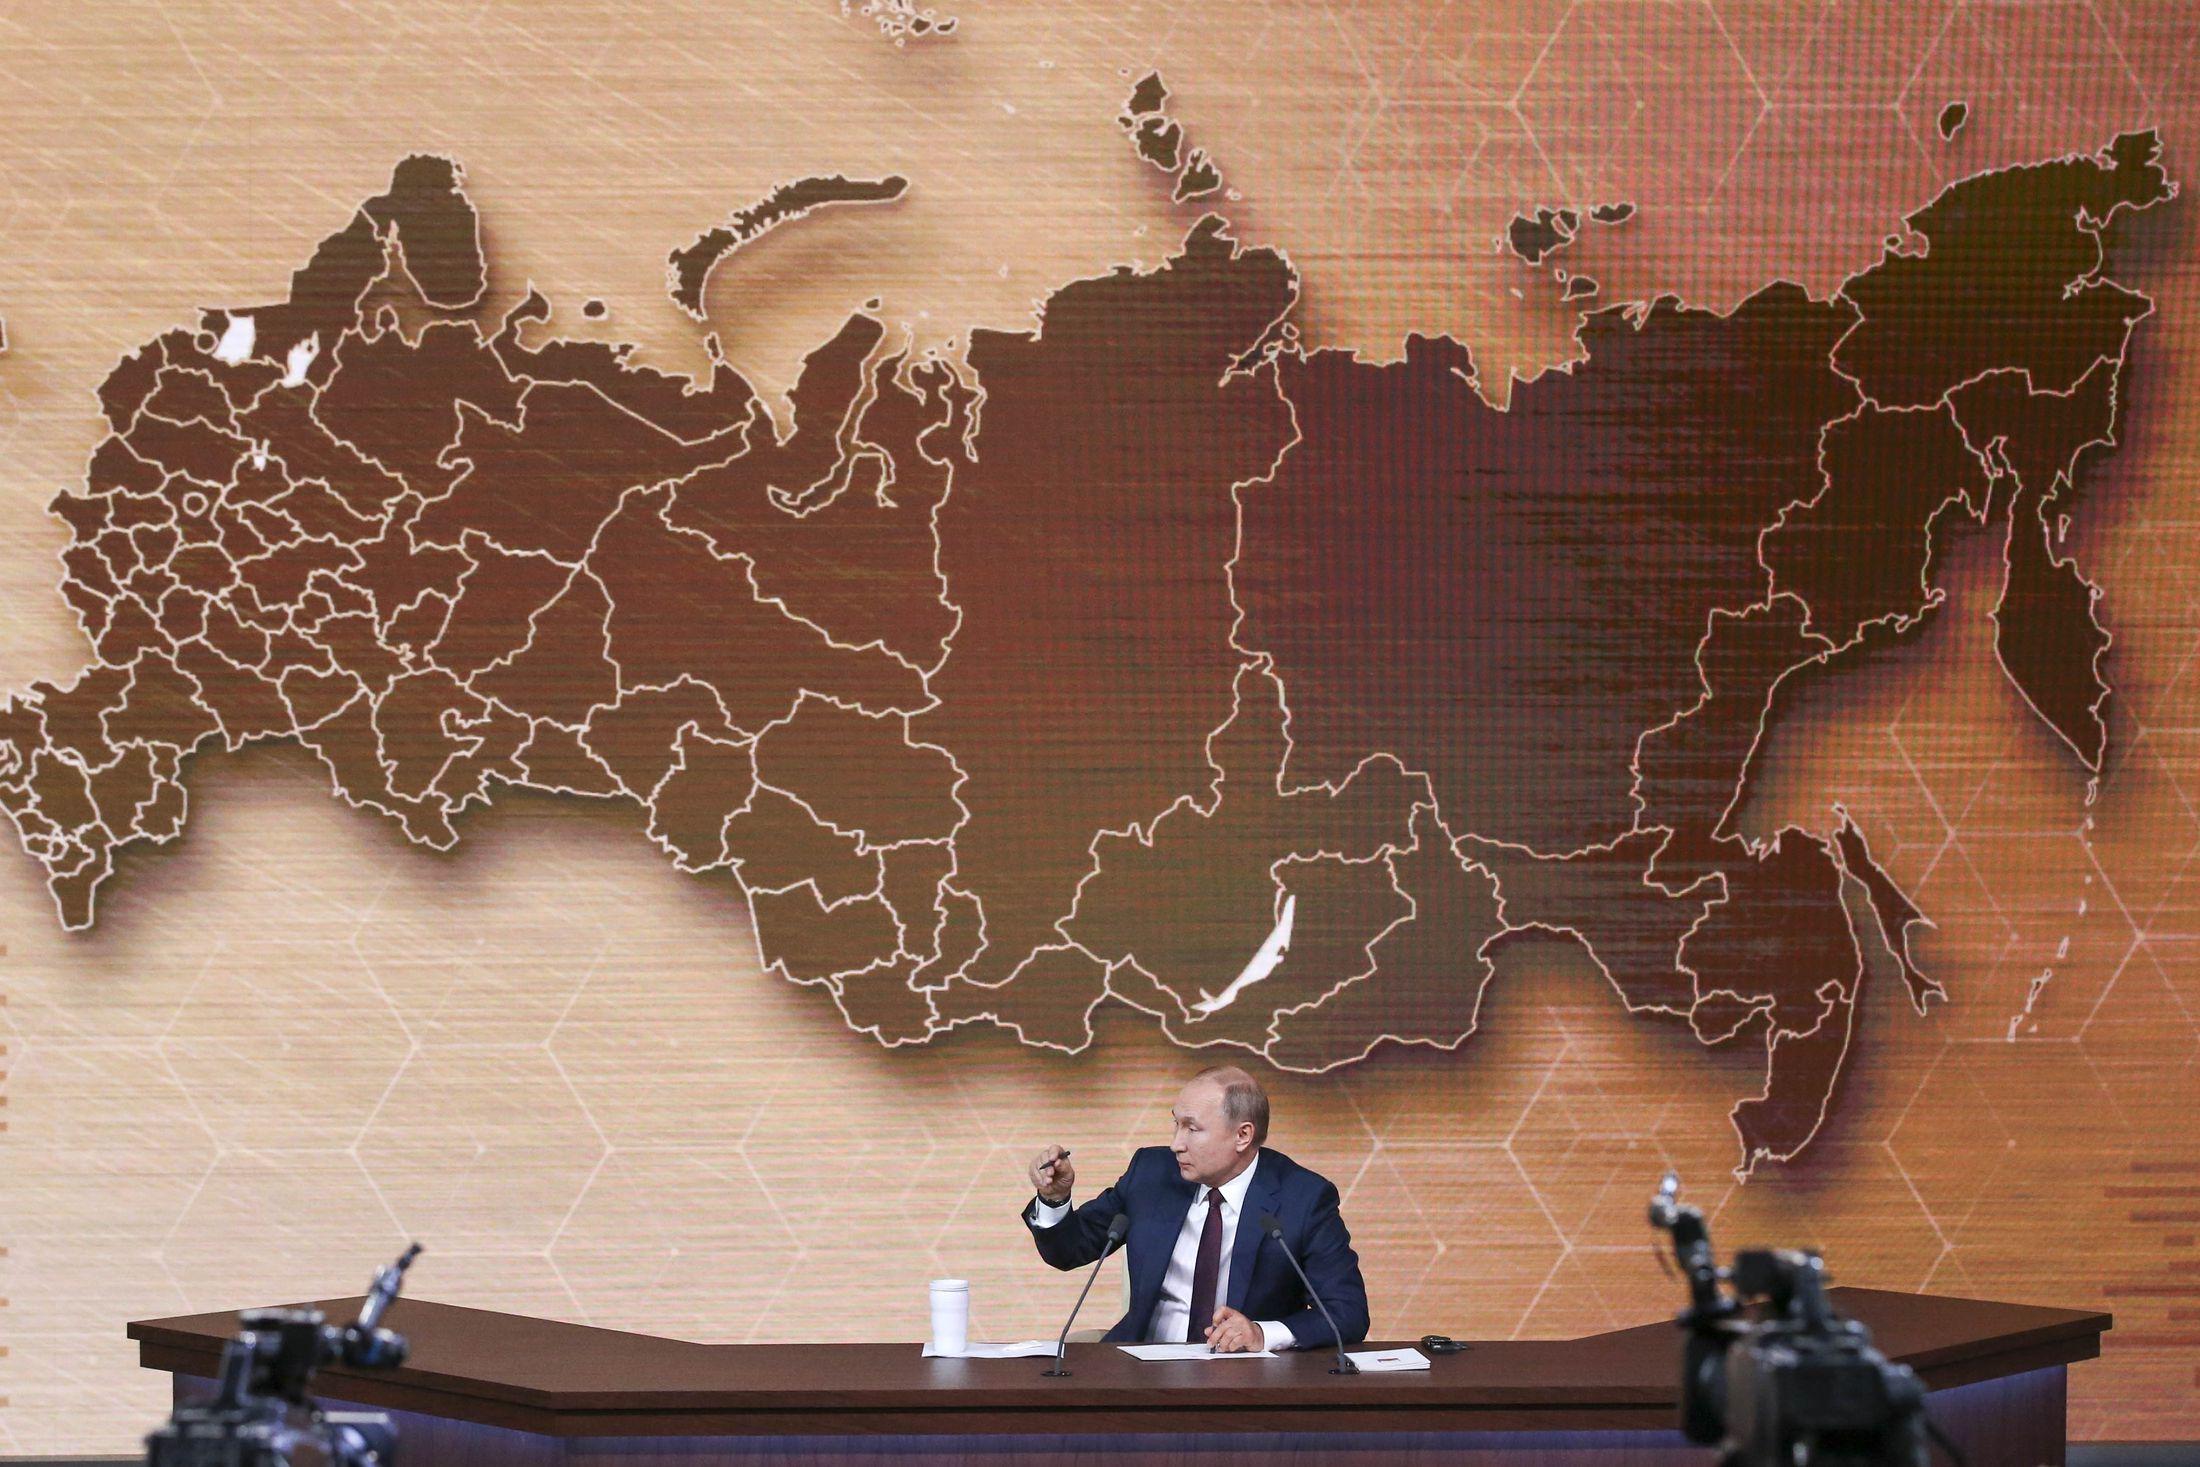 Территории России — не предмет дискуссии